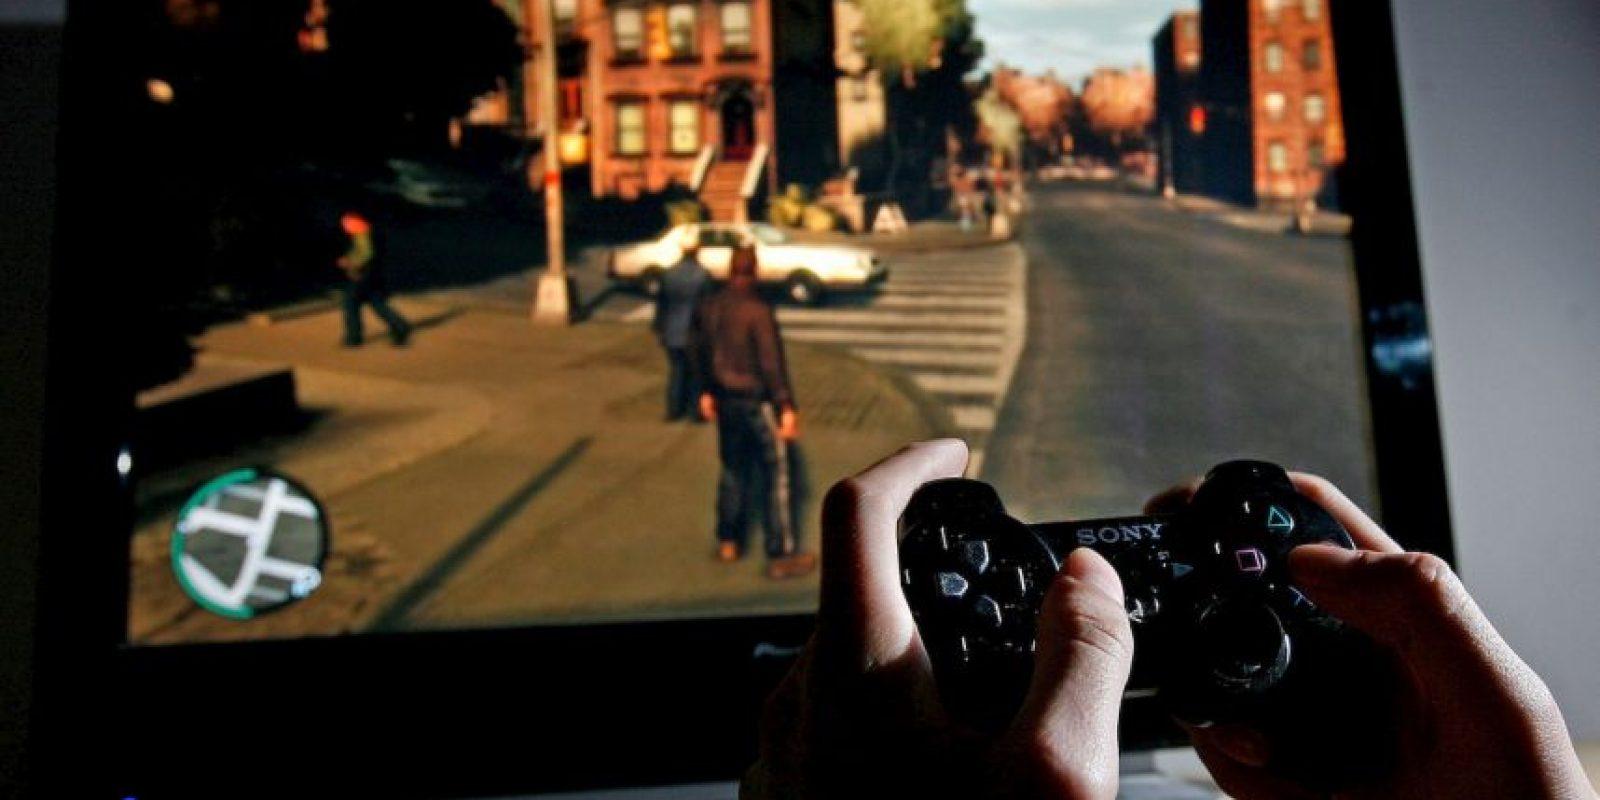 """4.- Estudios recientes han demostrado que los videojuegos pueden ser causa de adicción. Los """"gamers"""" adictos presentan trastornos mentales como por ejemplo: perdida o ganancia de peso y alteración del patrón de sueño Foto:Getty Images"""